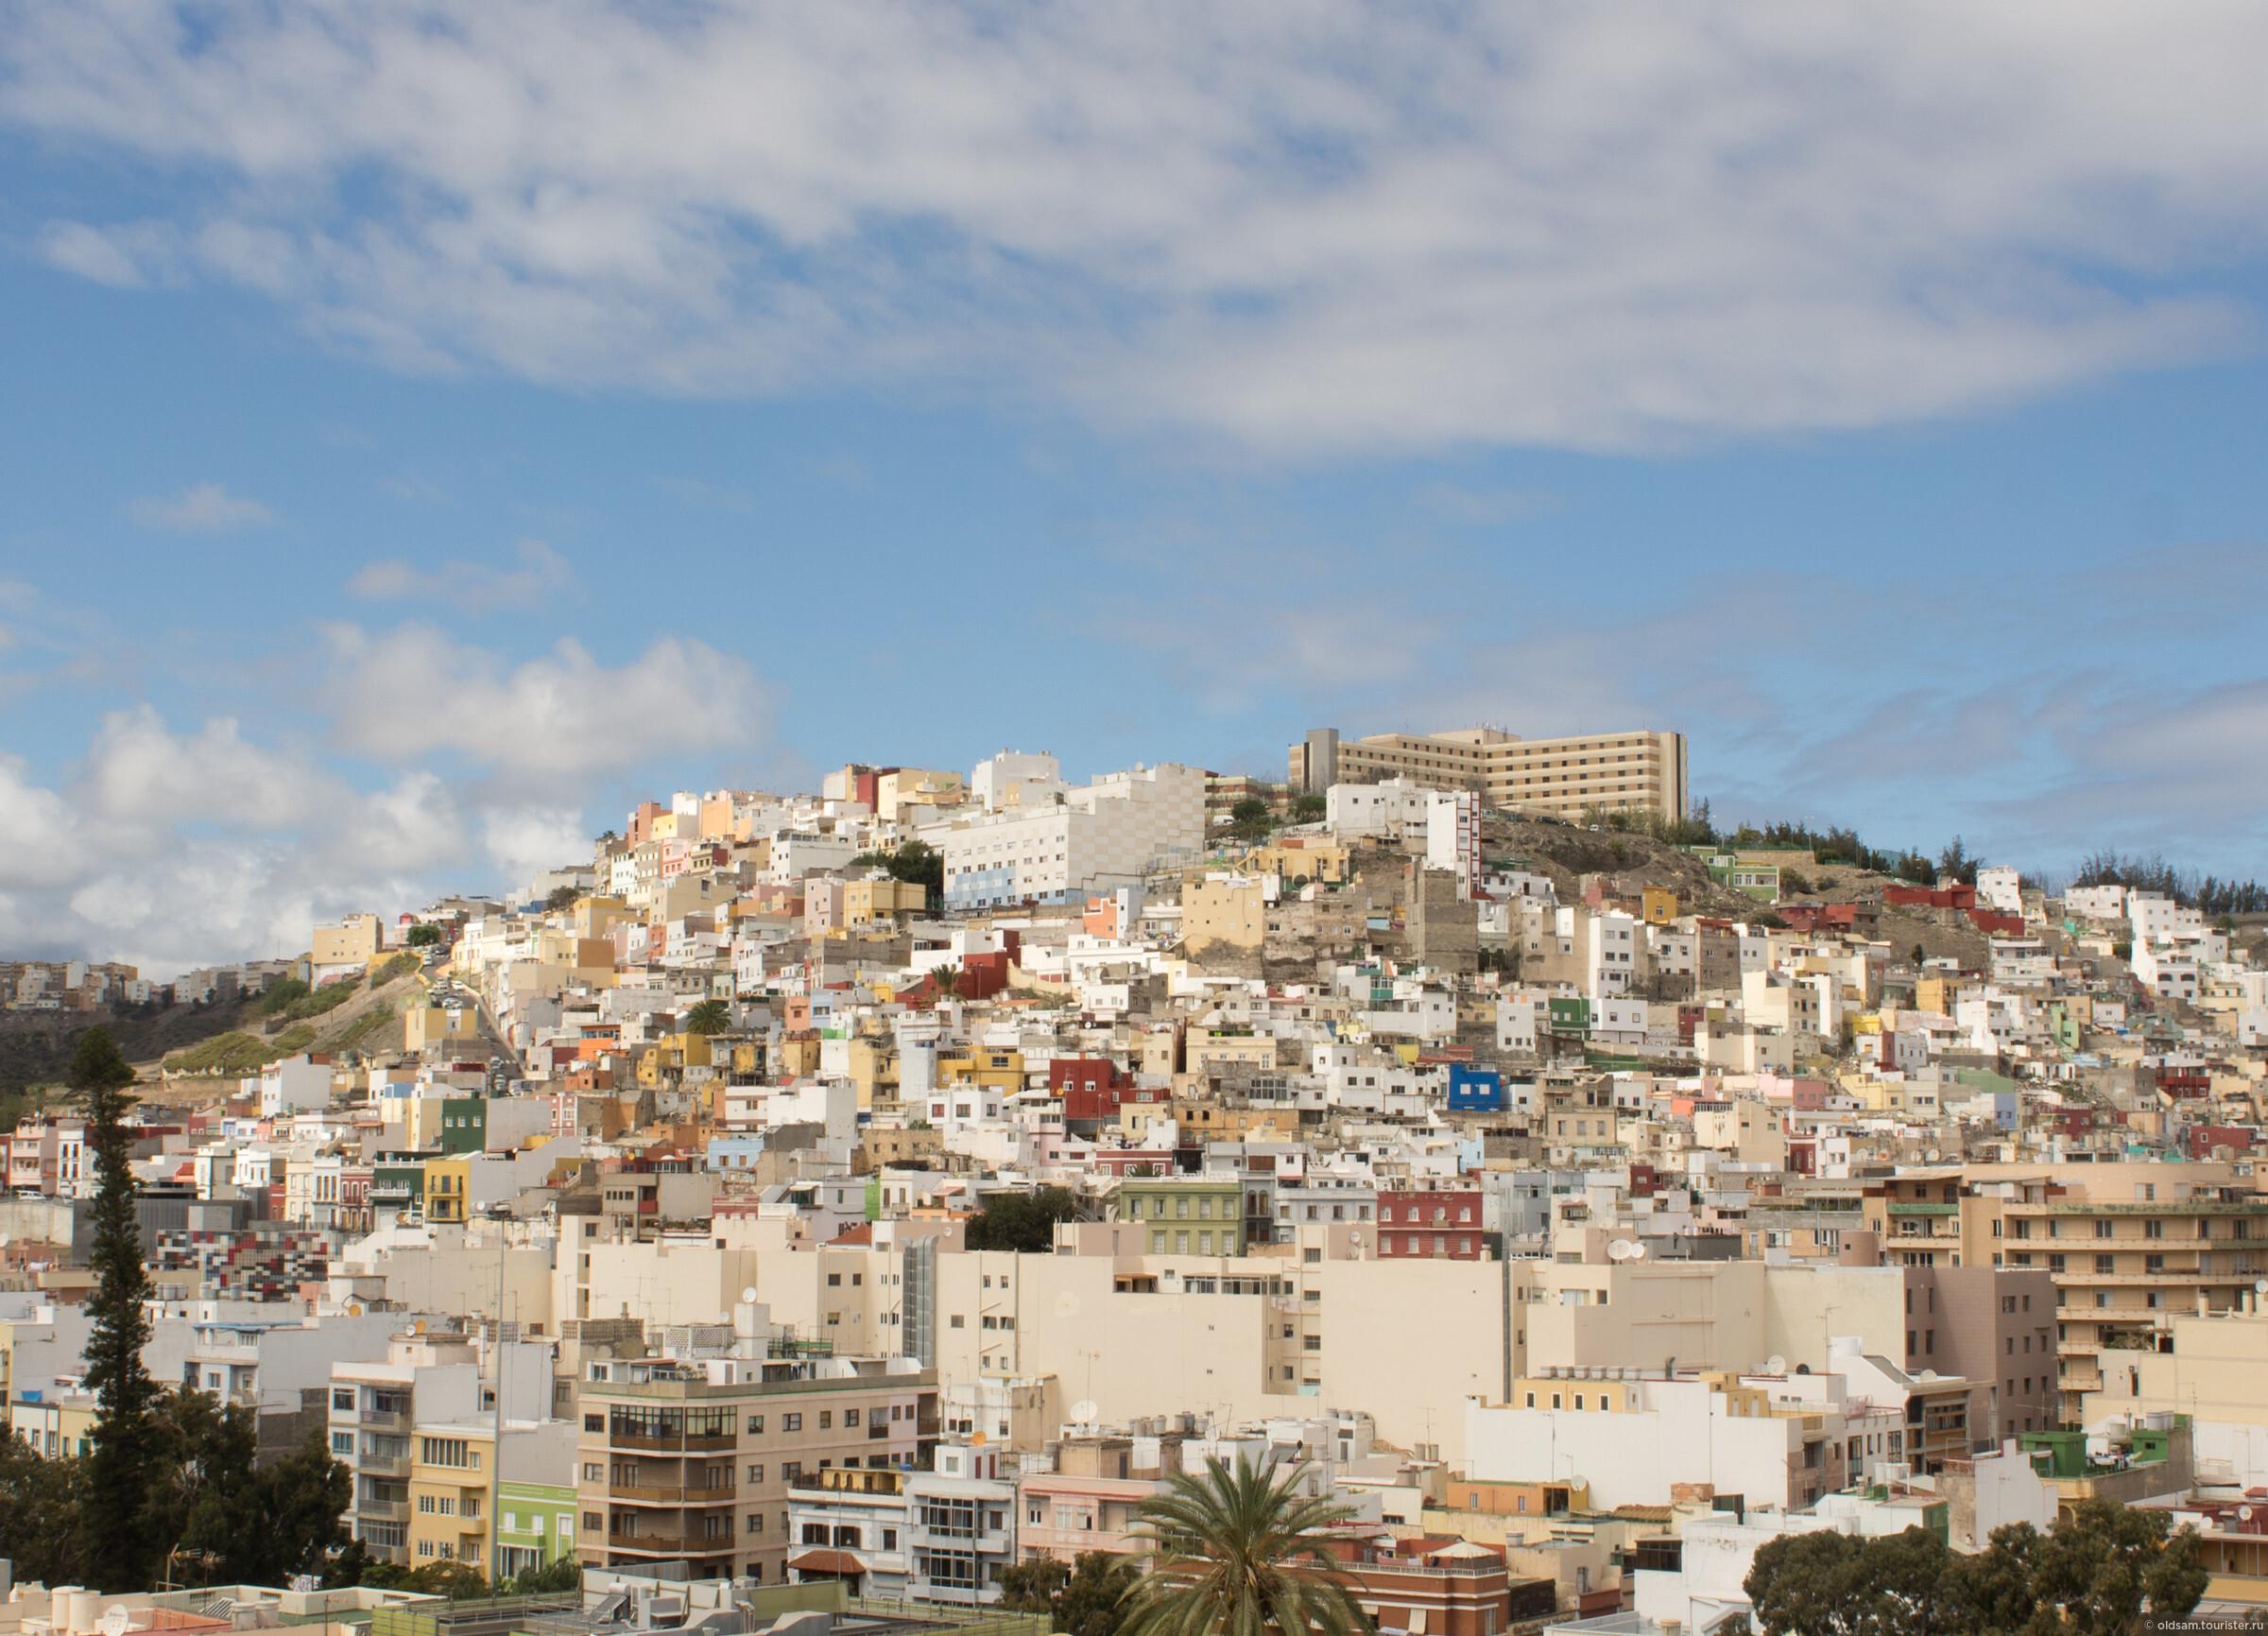 Канарские острова + Мадейра: первый опыт островного круиза, часть 3